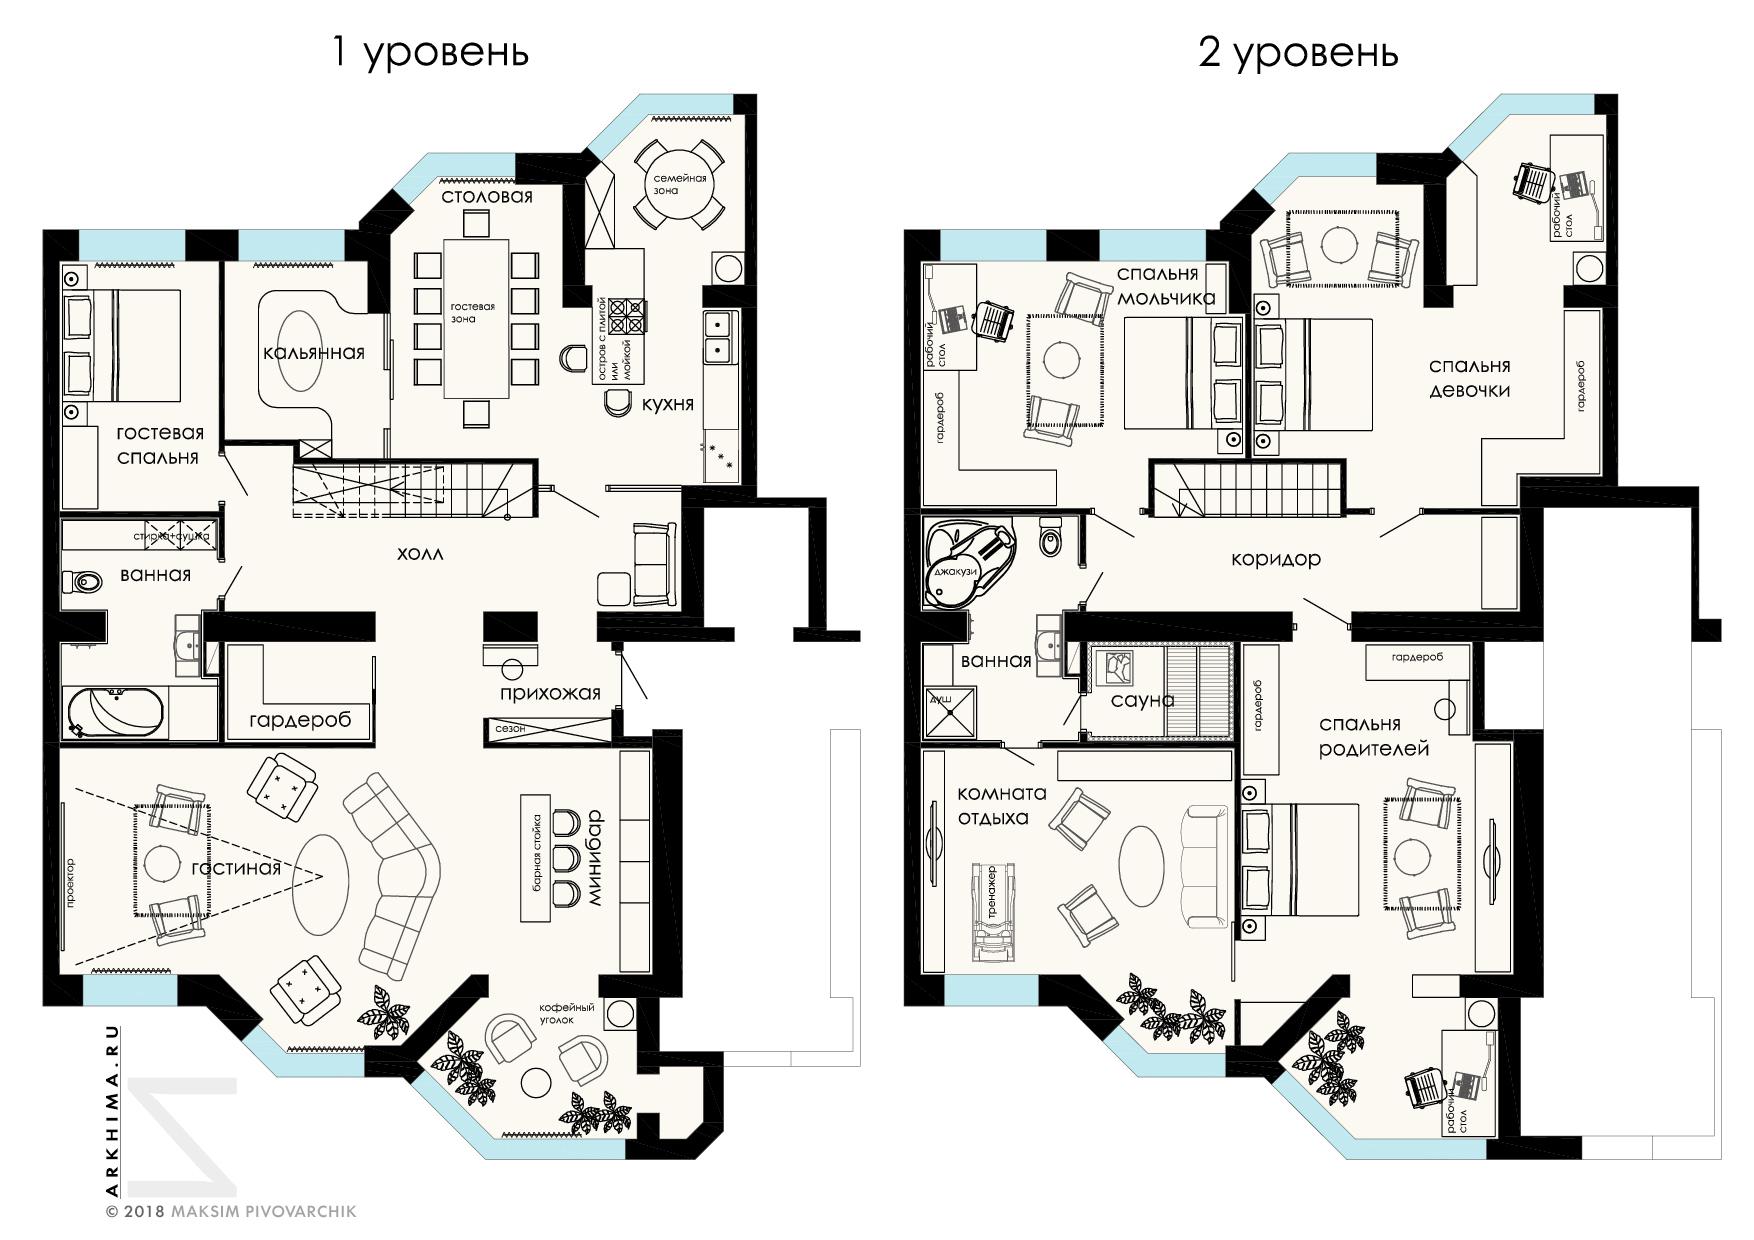 Объединение + планировка квартиры (~260 кв.м.) фото f_4865a57c765a2da4.jpg